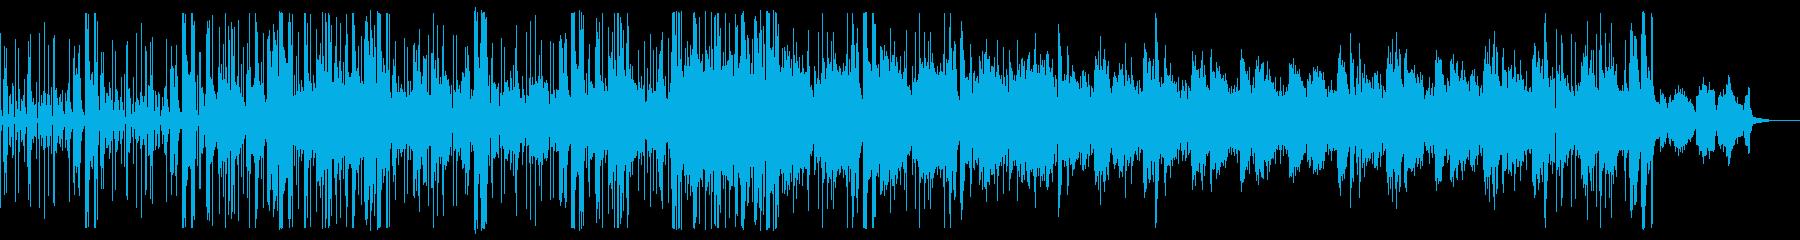 エレクトロニカ ピアノ 悲壮的な雰囲気の再生済みの波形